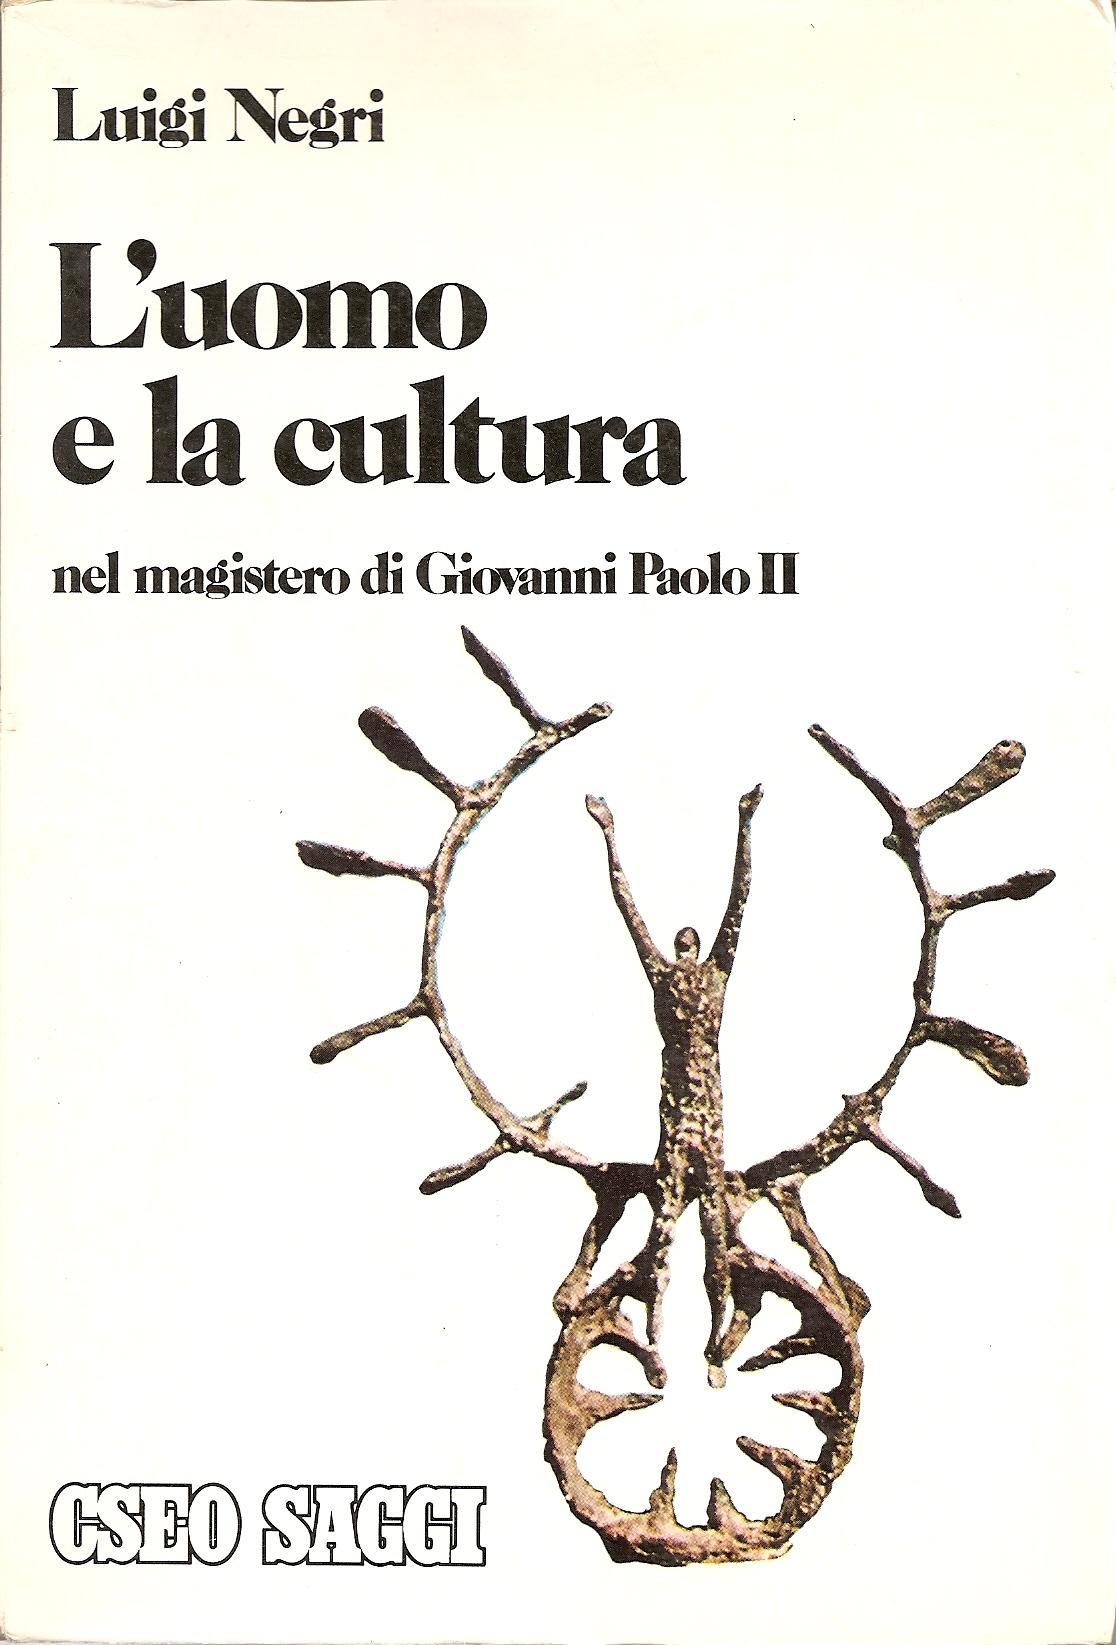 L' uomo e la cultura nel magistero di Giovanni Paolo II